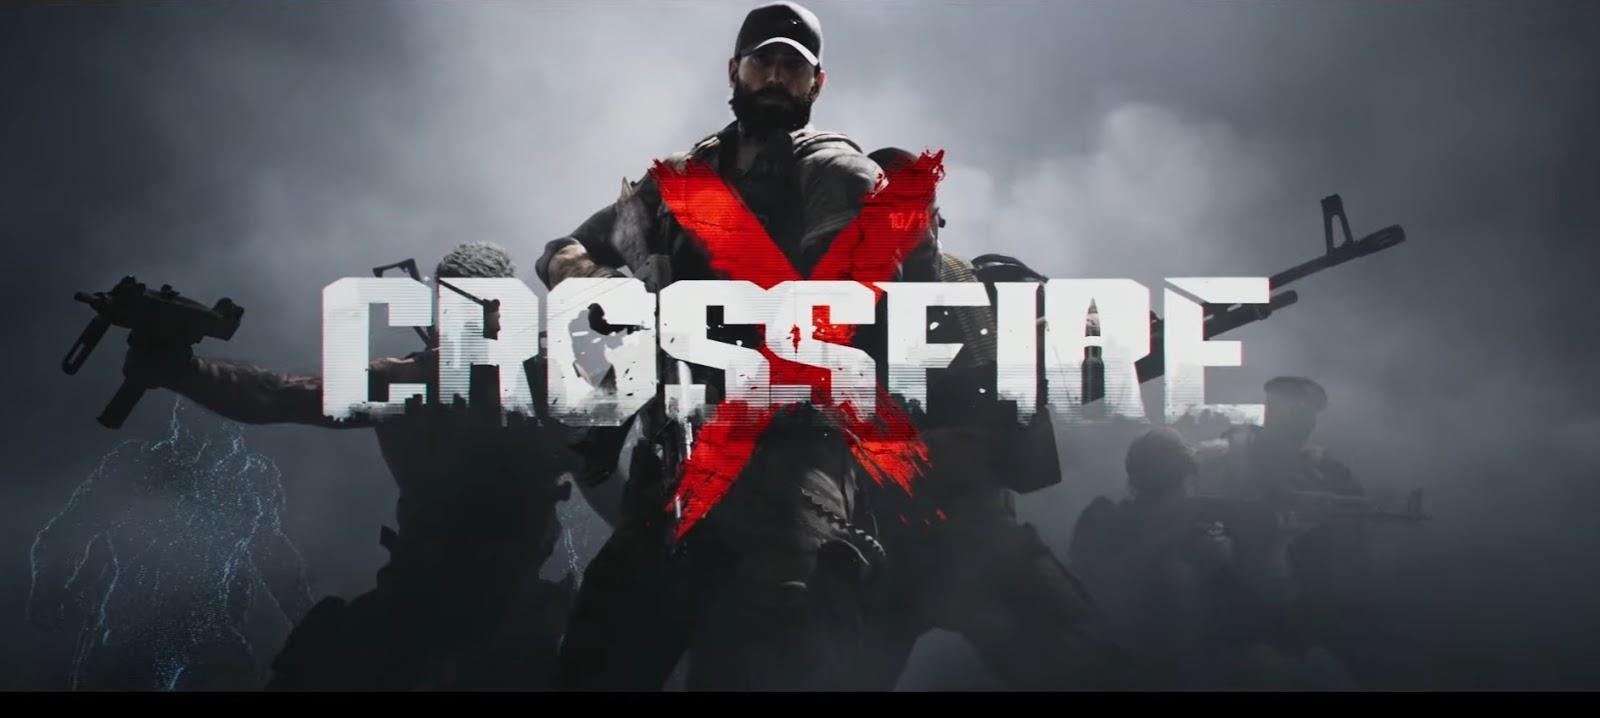 crossfire x akan rilis tahun 2020, berita game terbaru, sinopsis crossfire x, game fps terbaru, game terbaru, game paling seru, info seputar game, dunia game,